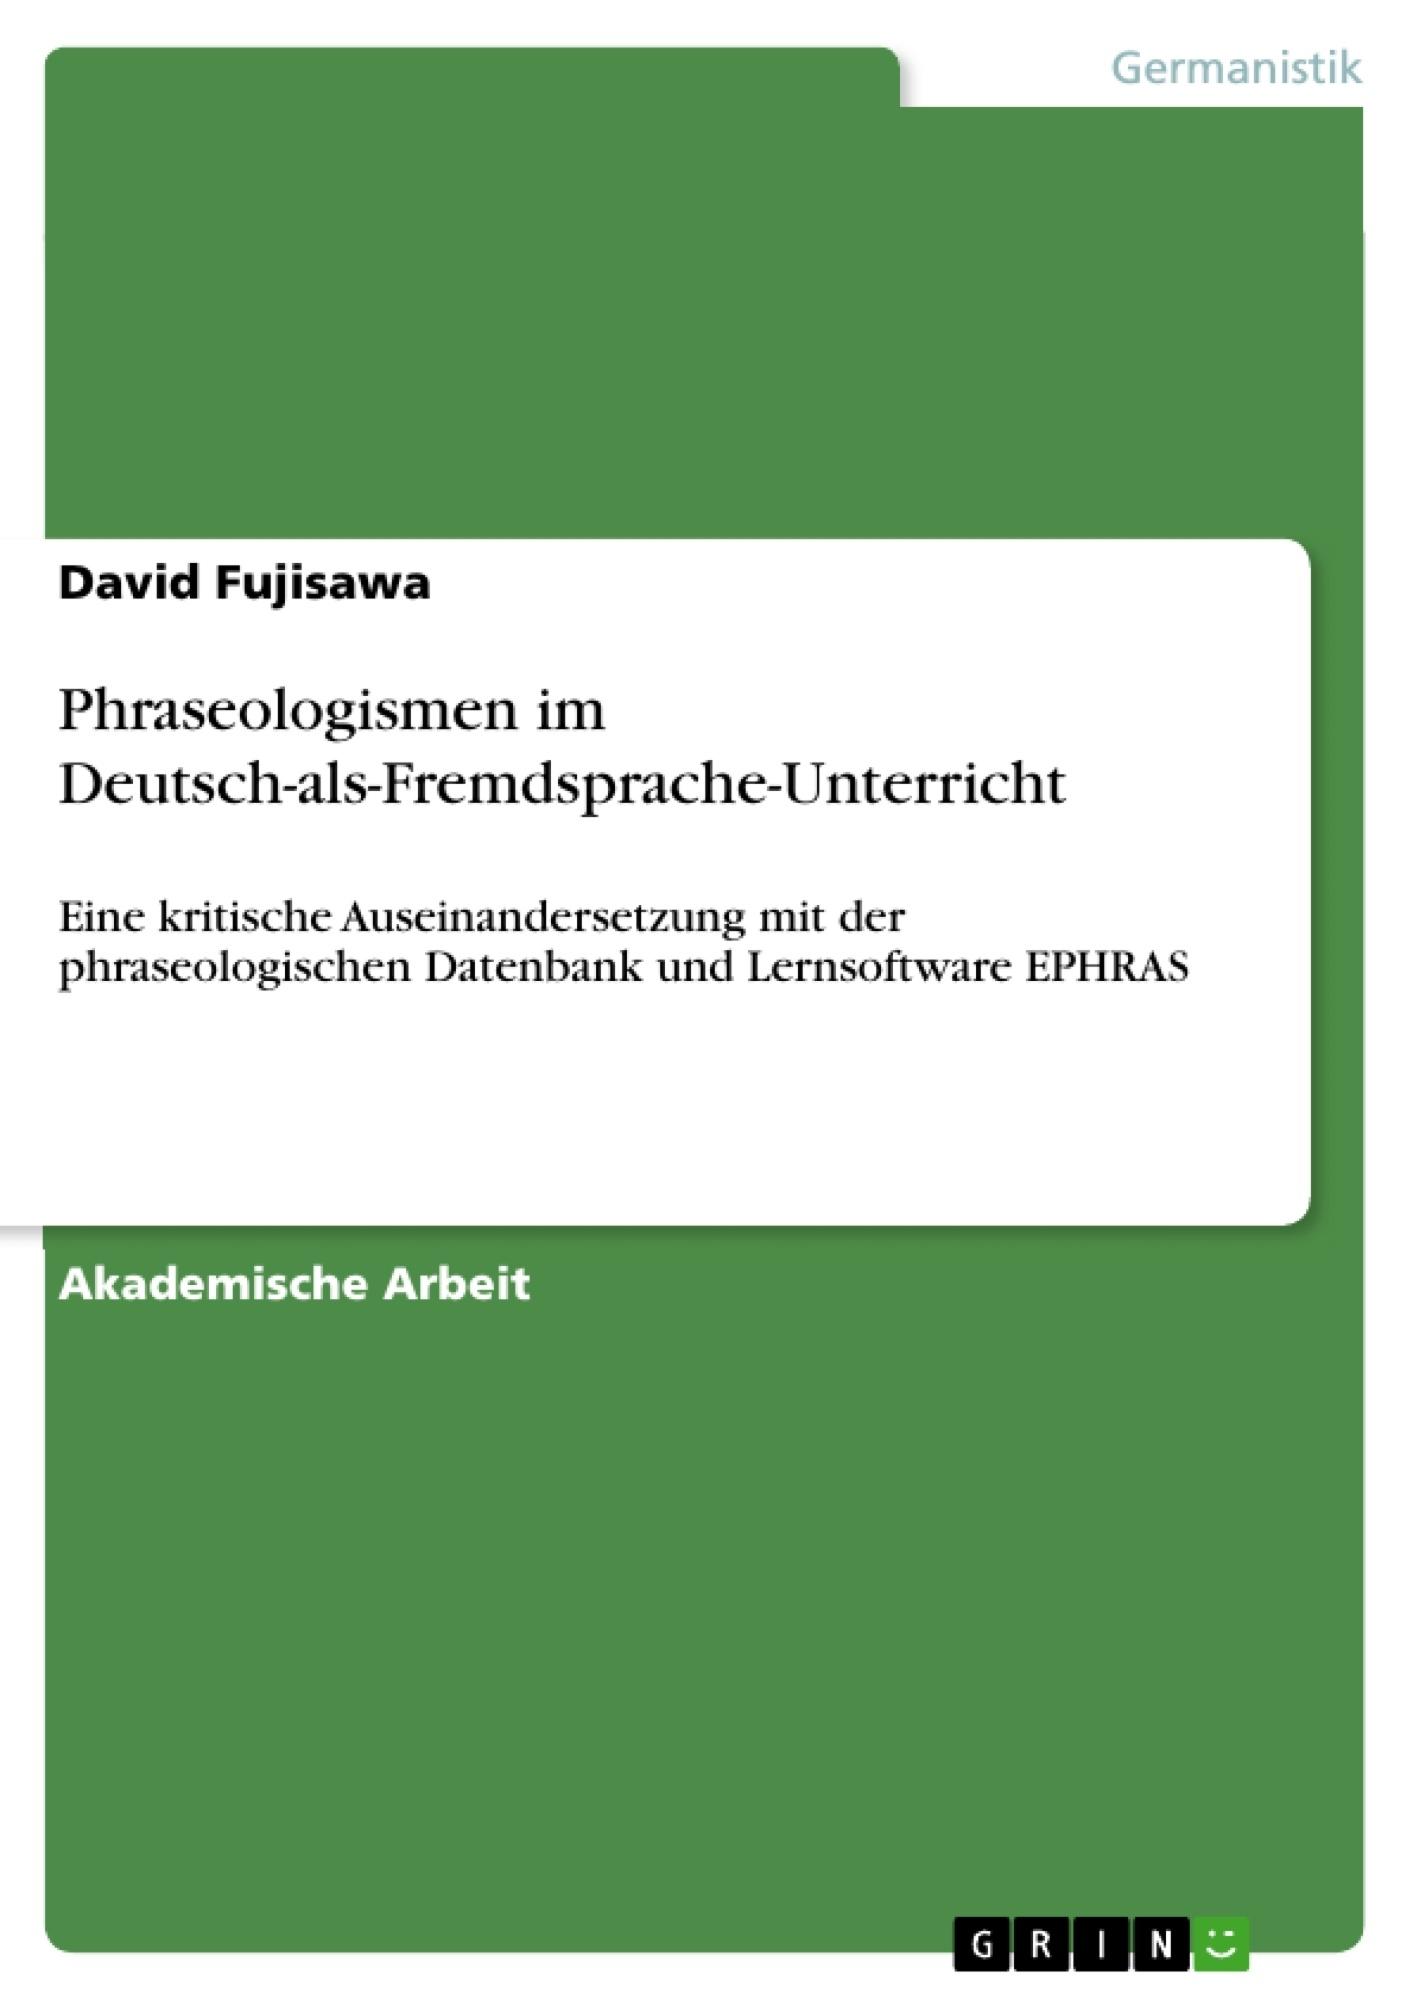 Titel: Phraseologismen im Deutsch-als-Fremdsprache-Unterricht